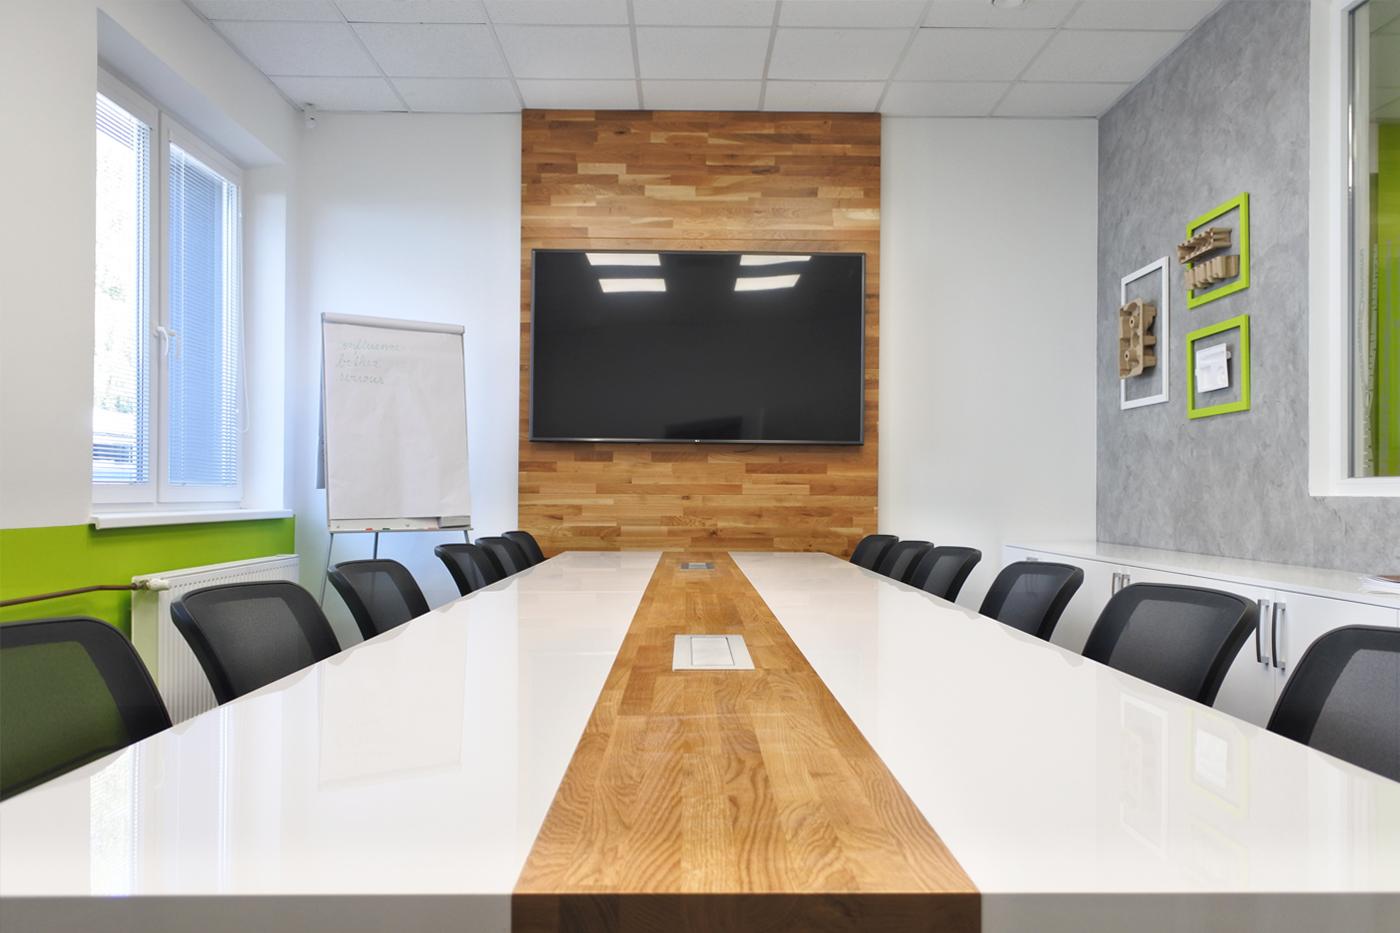 V rámci projektu byly navrženy interiéry kanceláří, zasedací místnosti a denní místnosti.